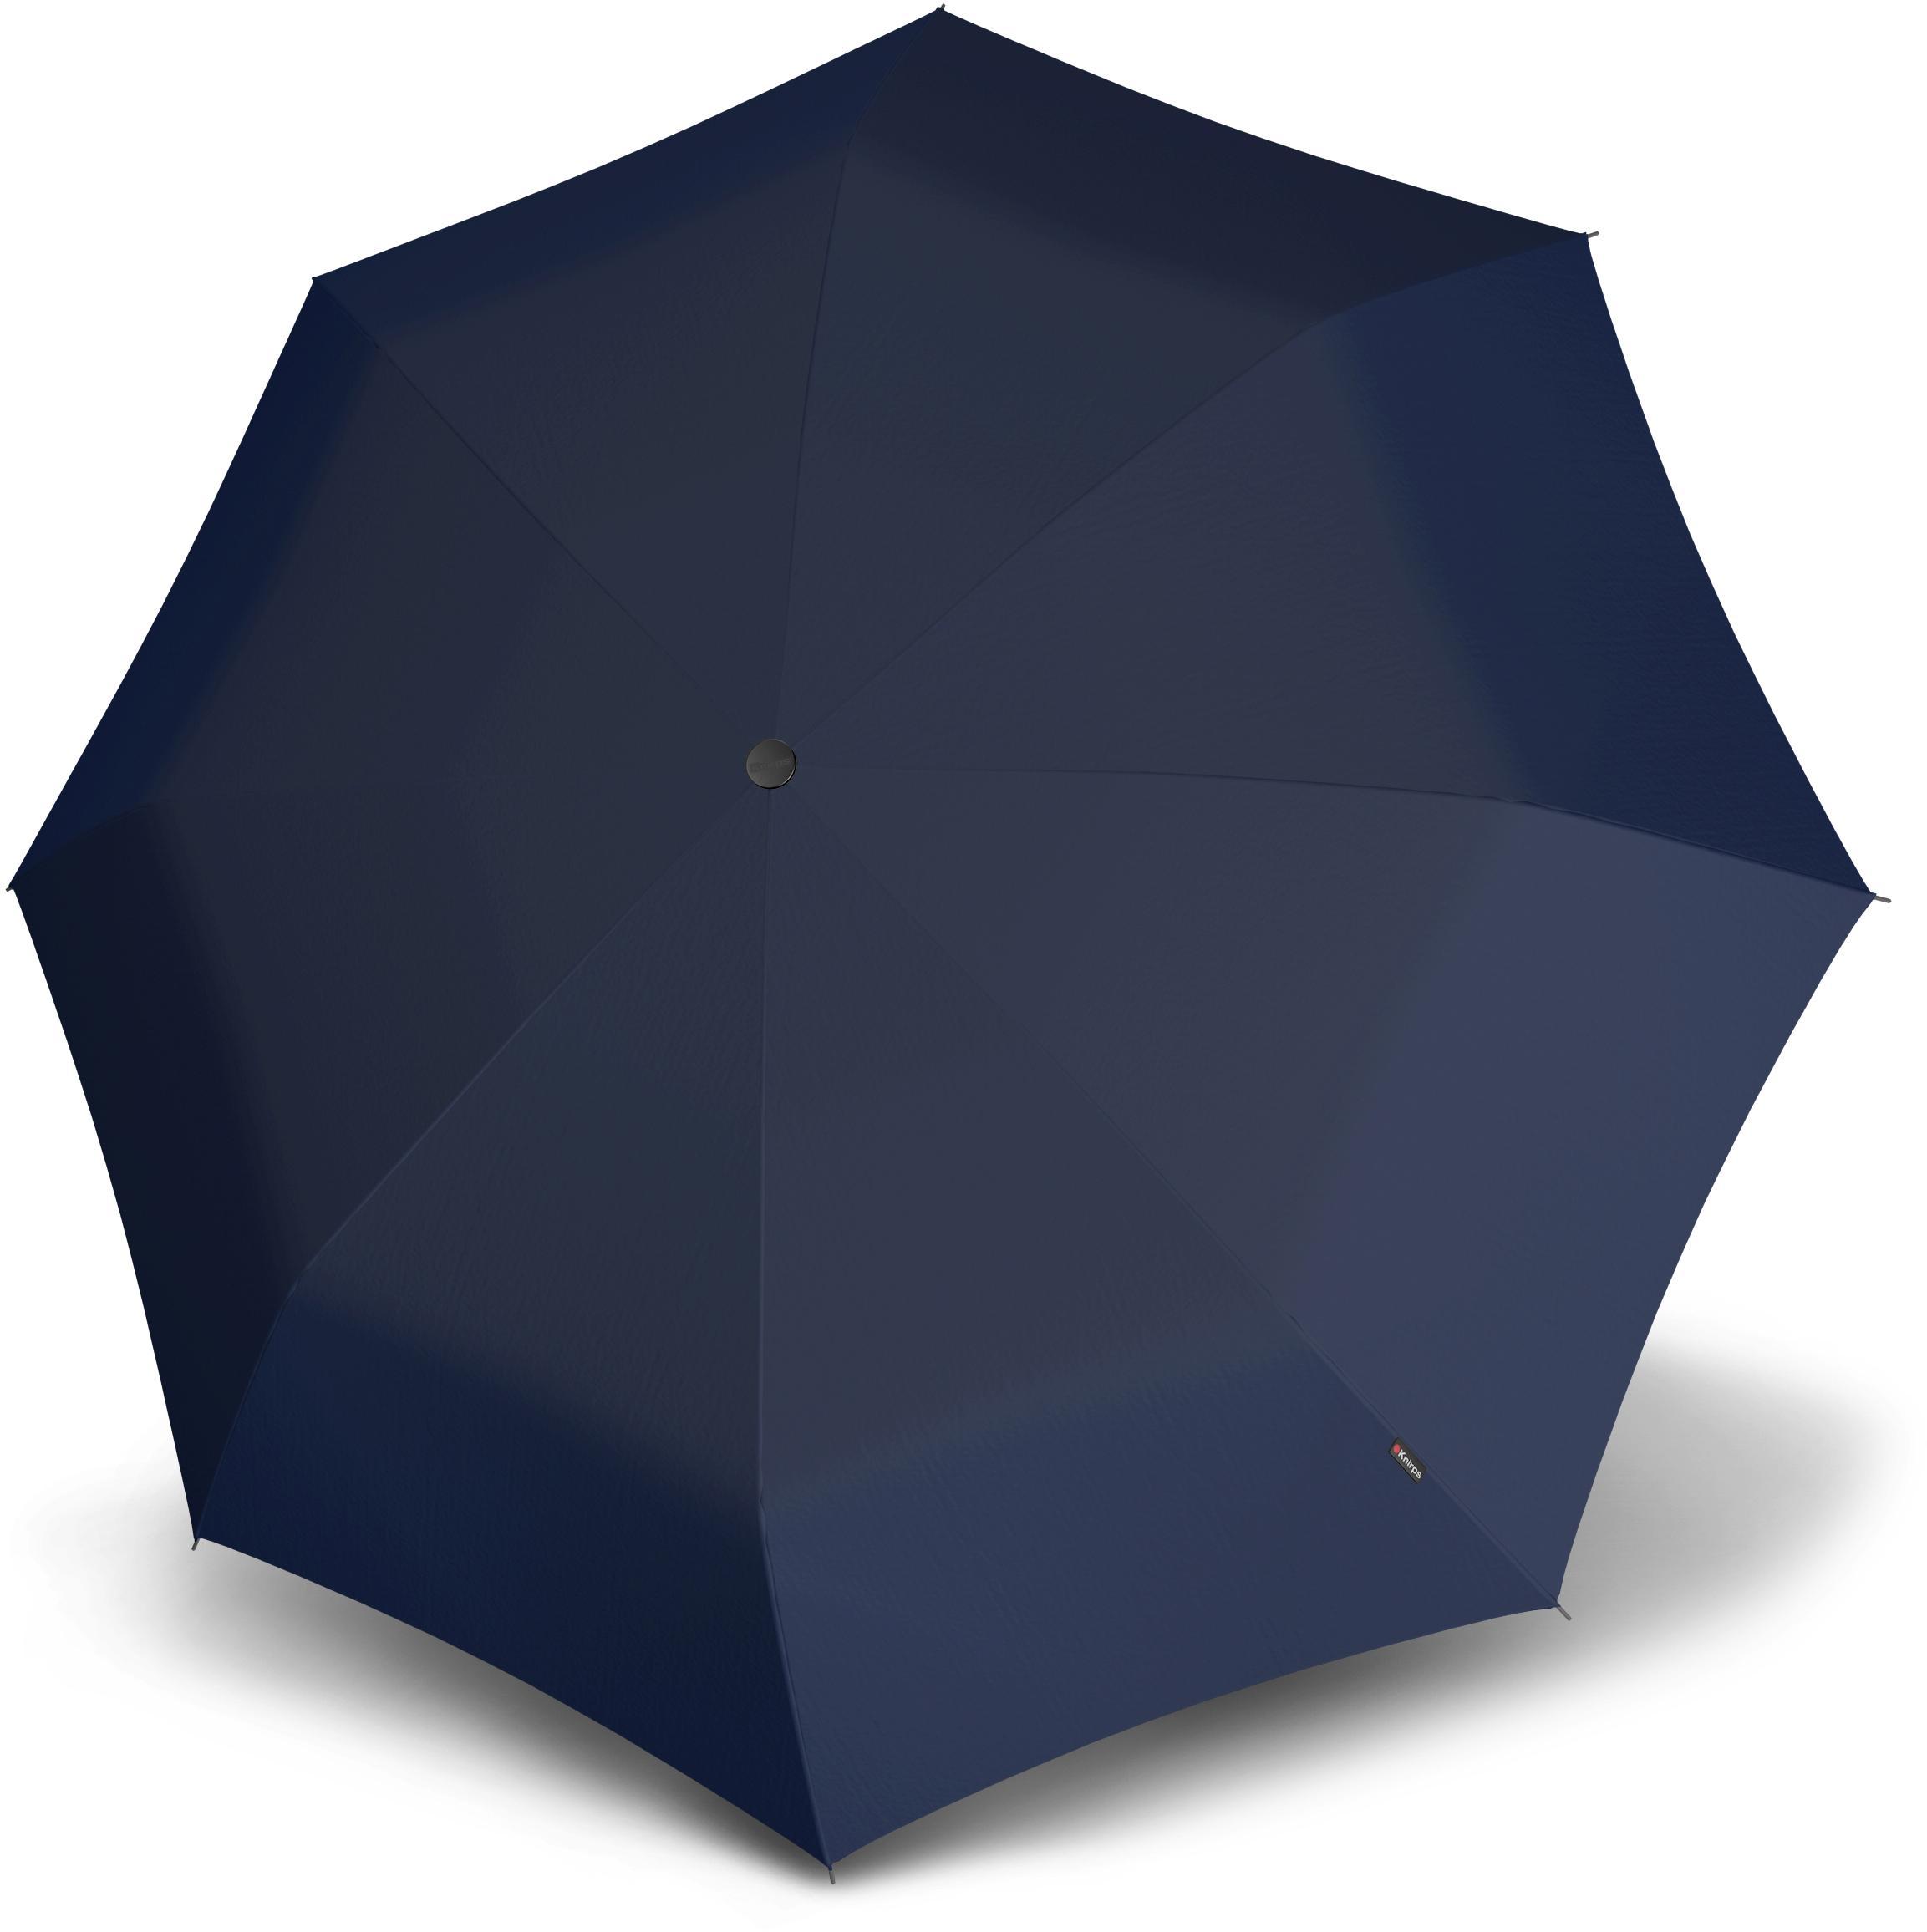 Knirps® Regenschirm - Taschenschirm, »T.200 Medium Duomatic navy«   Accessoires > Regenschirme > Taschenschirme   Blau   KNIRPS